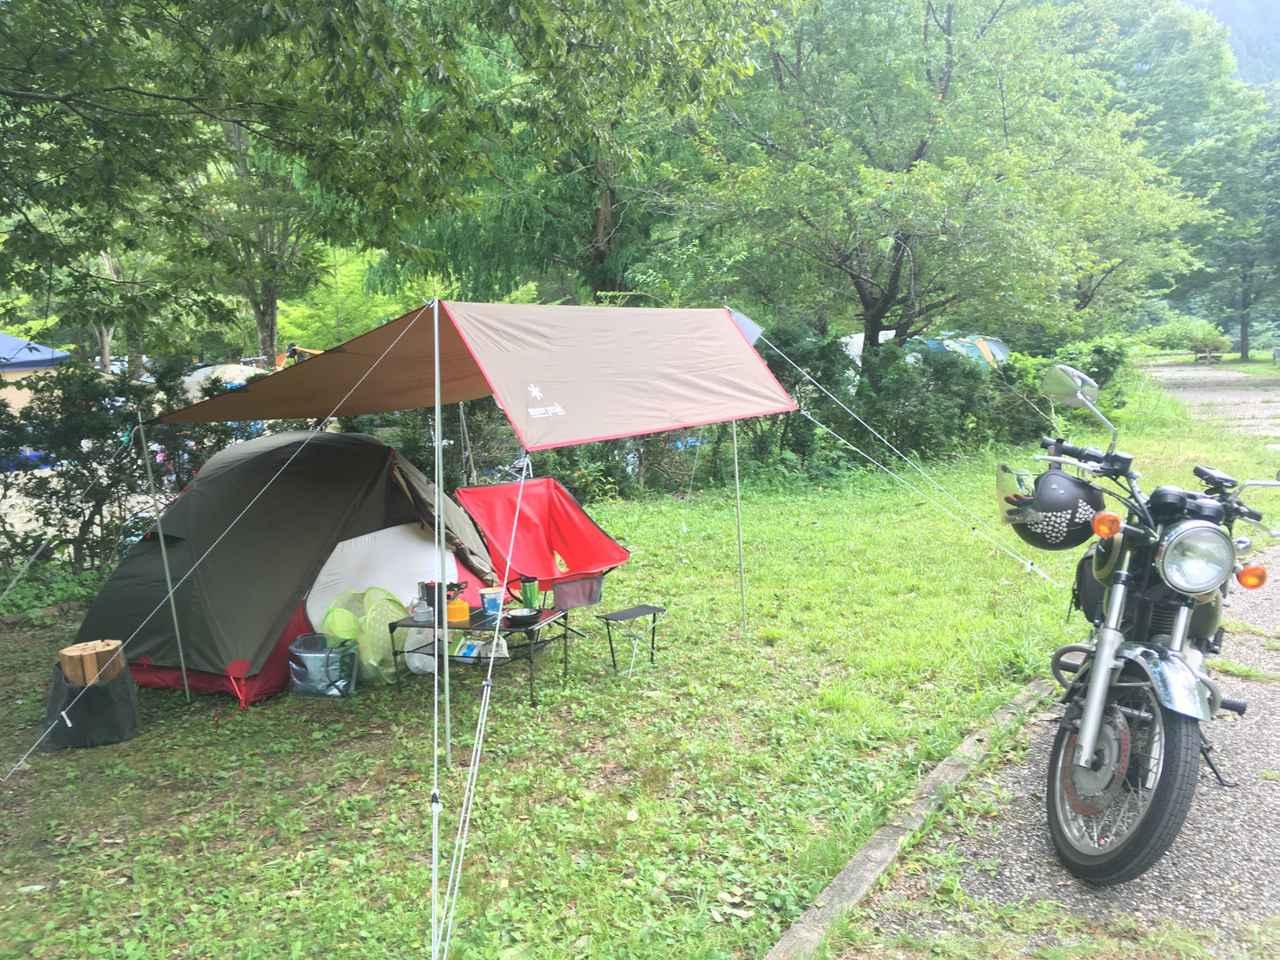 画像: esさん撮影・エリクサーを中心に完成されたesさんのキャンプスタイル